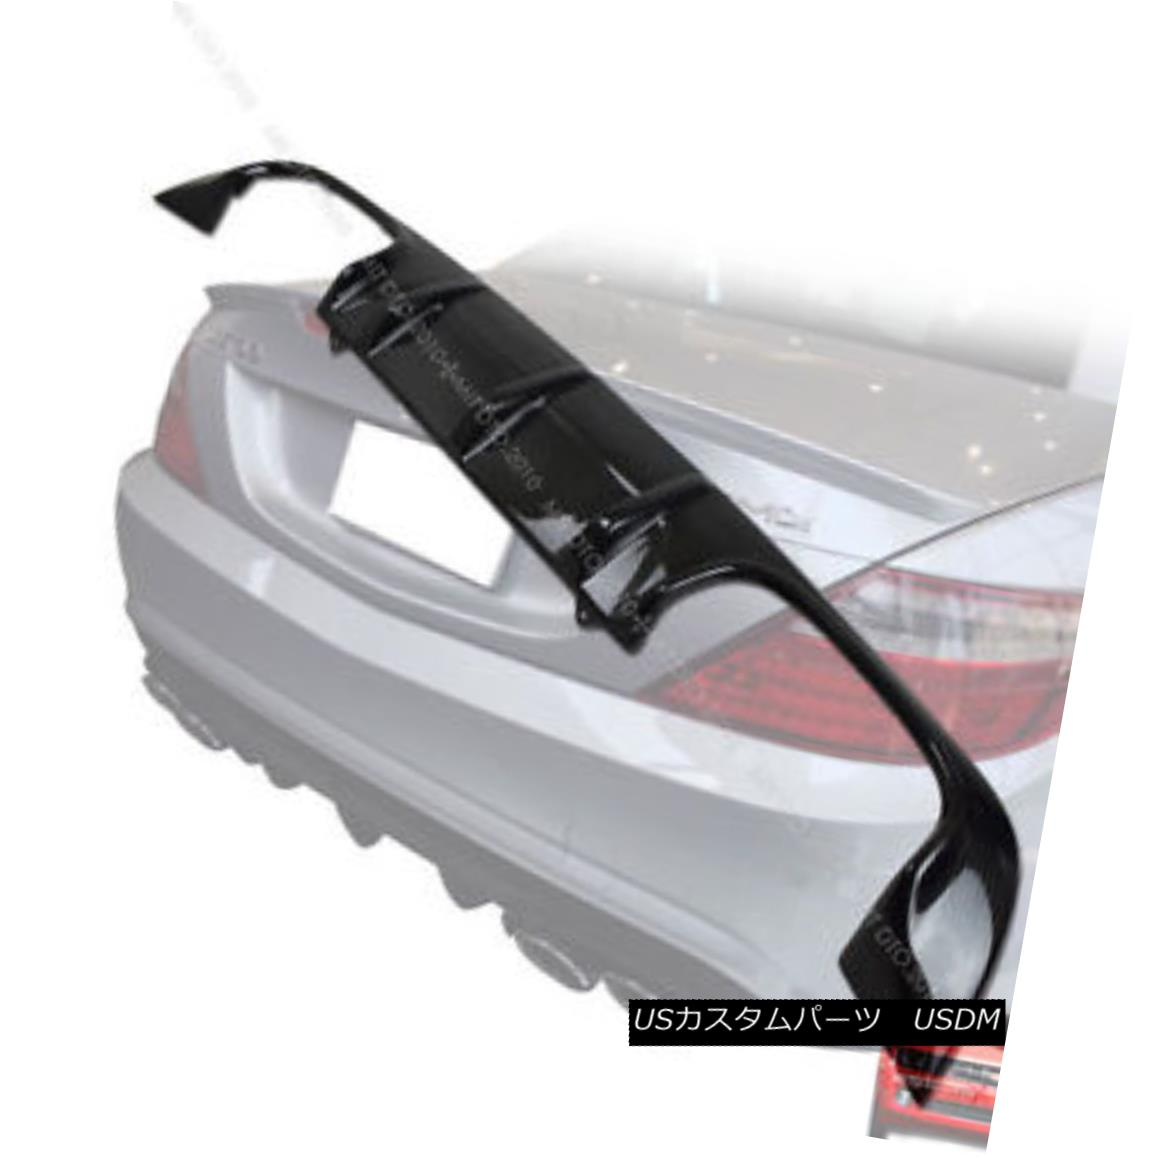 エアロパーツ Carbon Fiber Mercedes BENZ R172 SLK250 SLK350 REAR BUMPER DIFFUSER§ 炭素繊維メルセデスベンツR172 SLK250 SLK350リアバッフルディフューザー